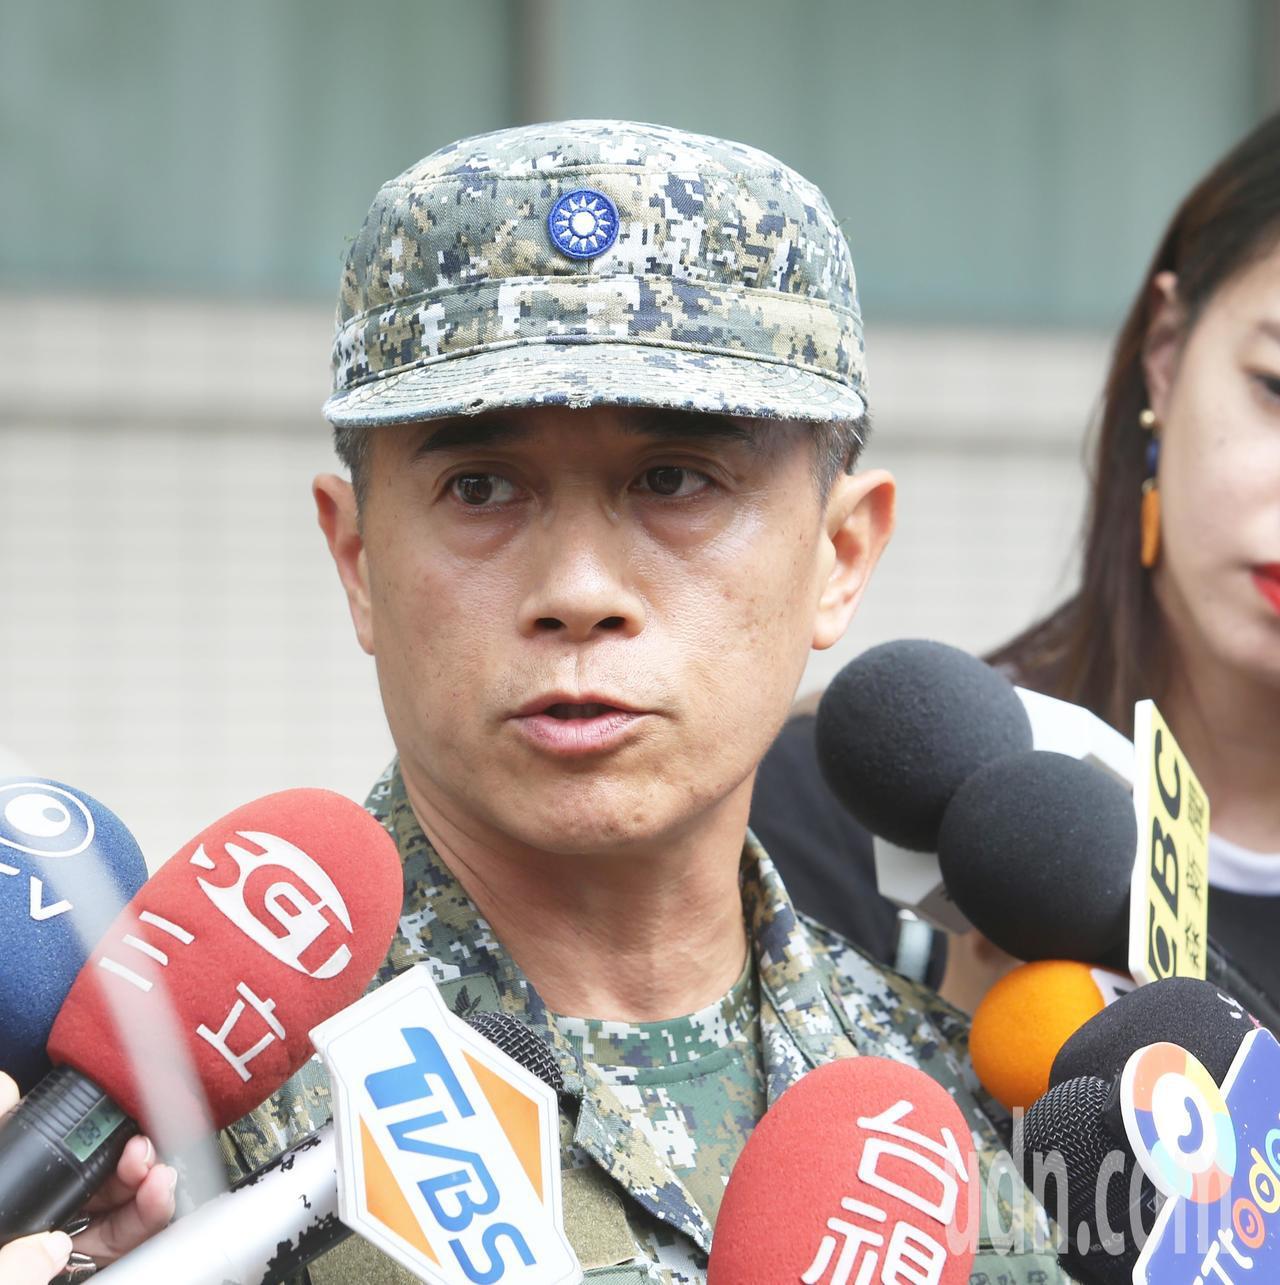 陸軍航空特戰指揮部政戰副主任梁庭蔚表示,今天上午陸軍航特部進行特戰跳傘訓練,其中...